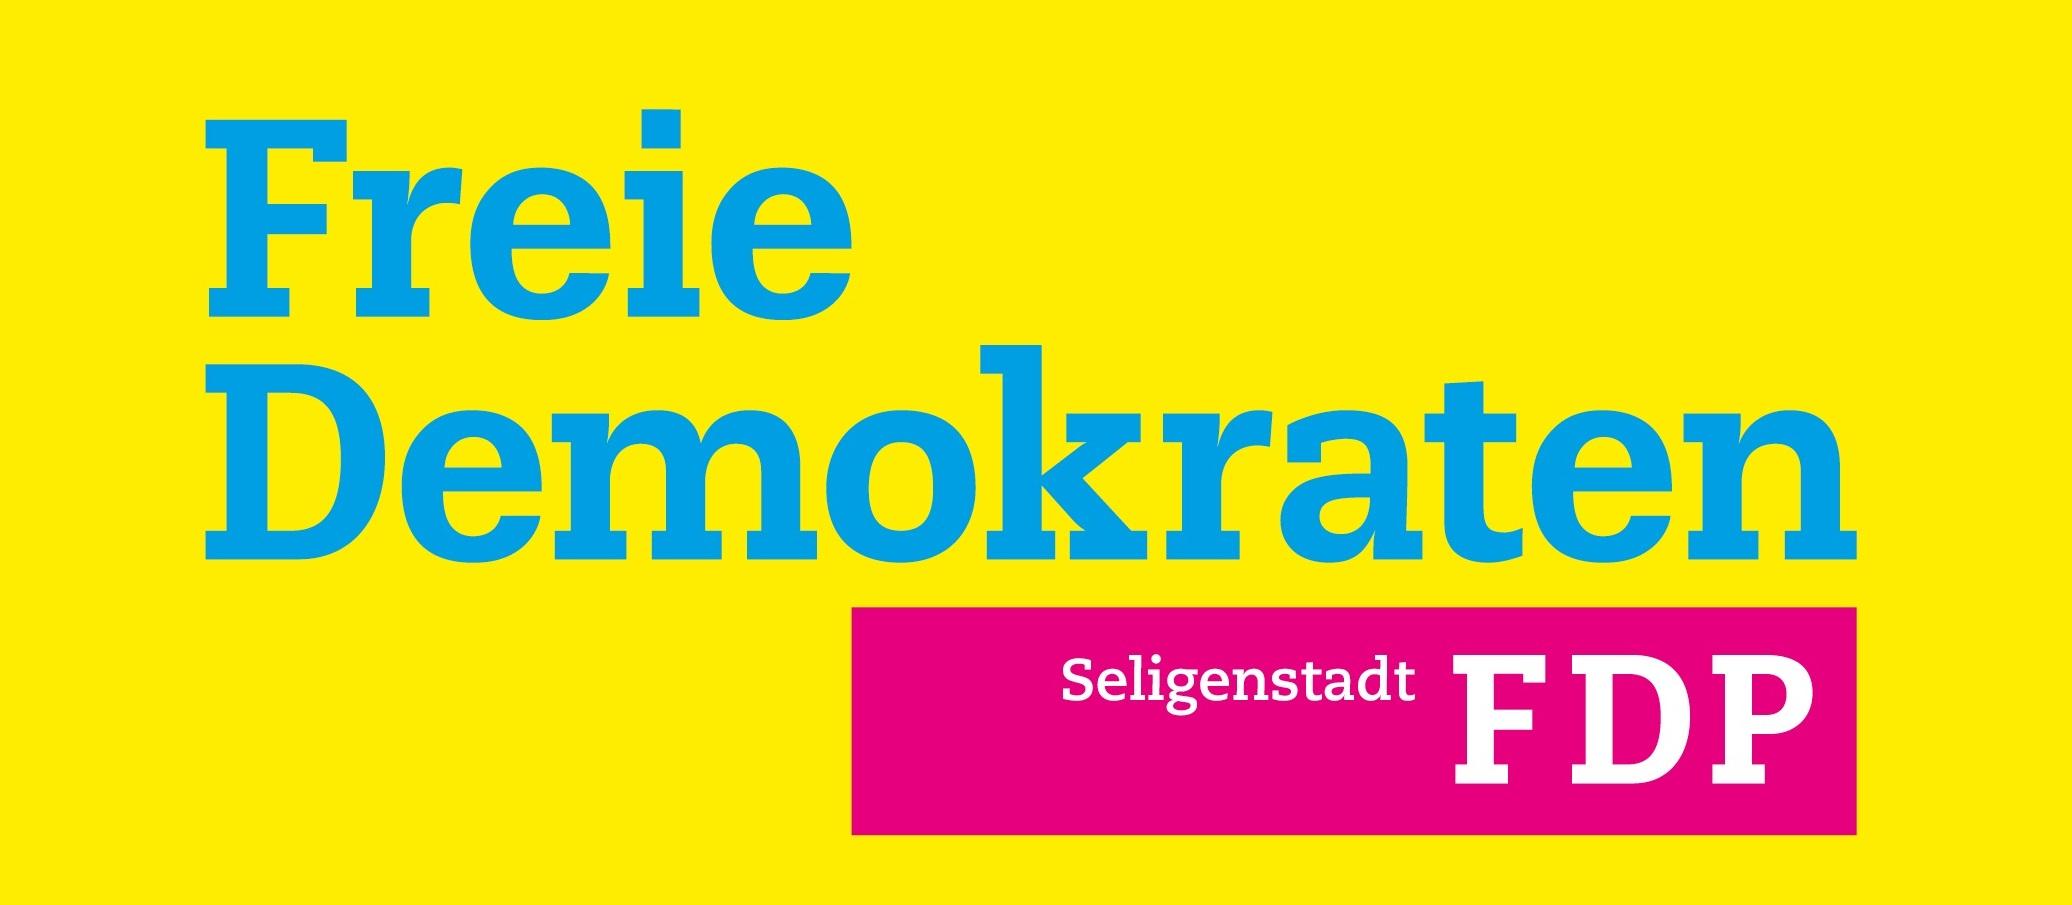 FDP Seligenstadt